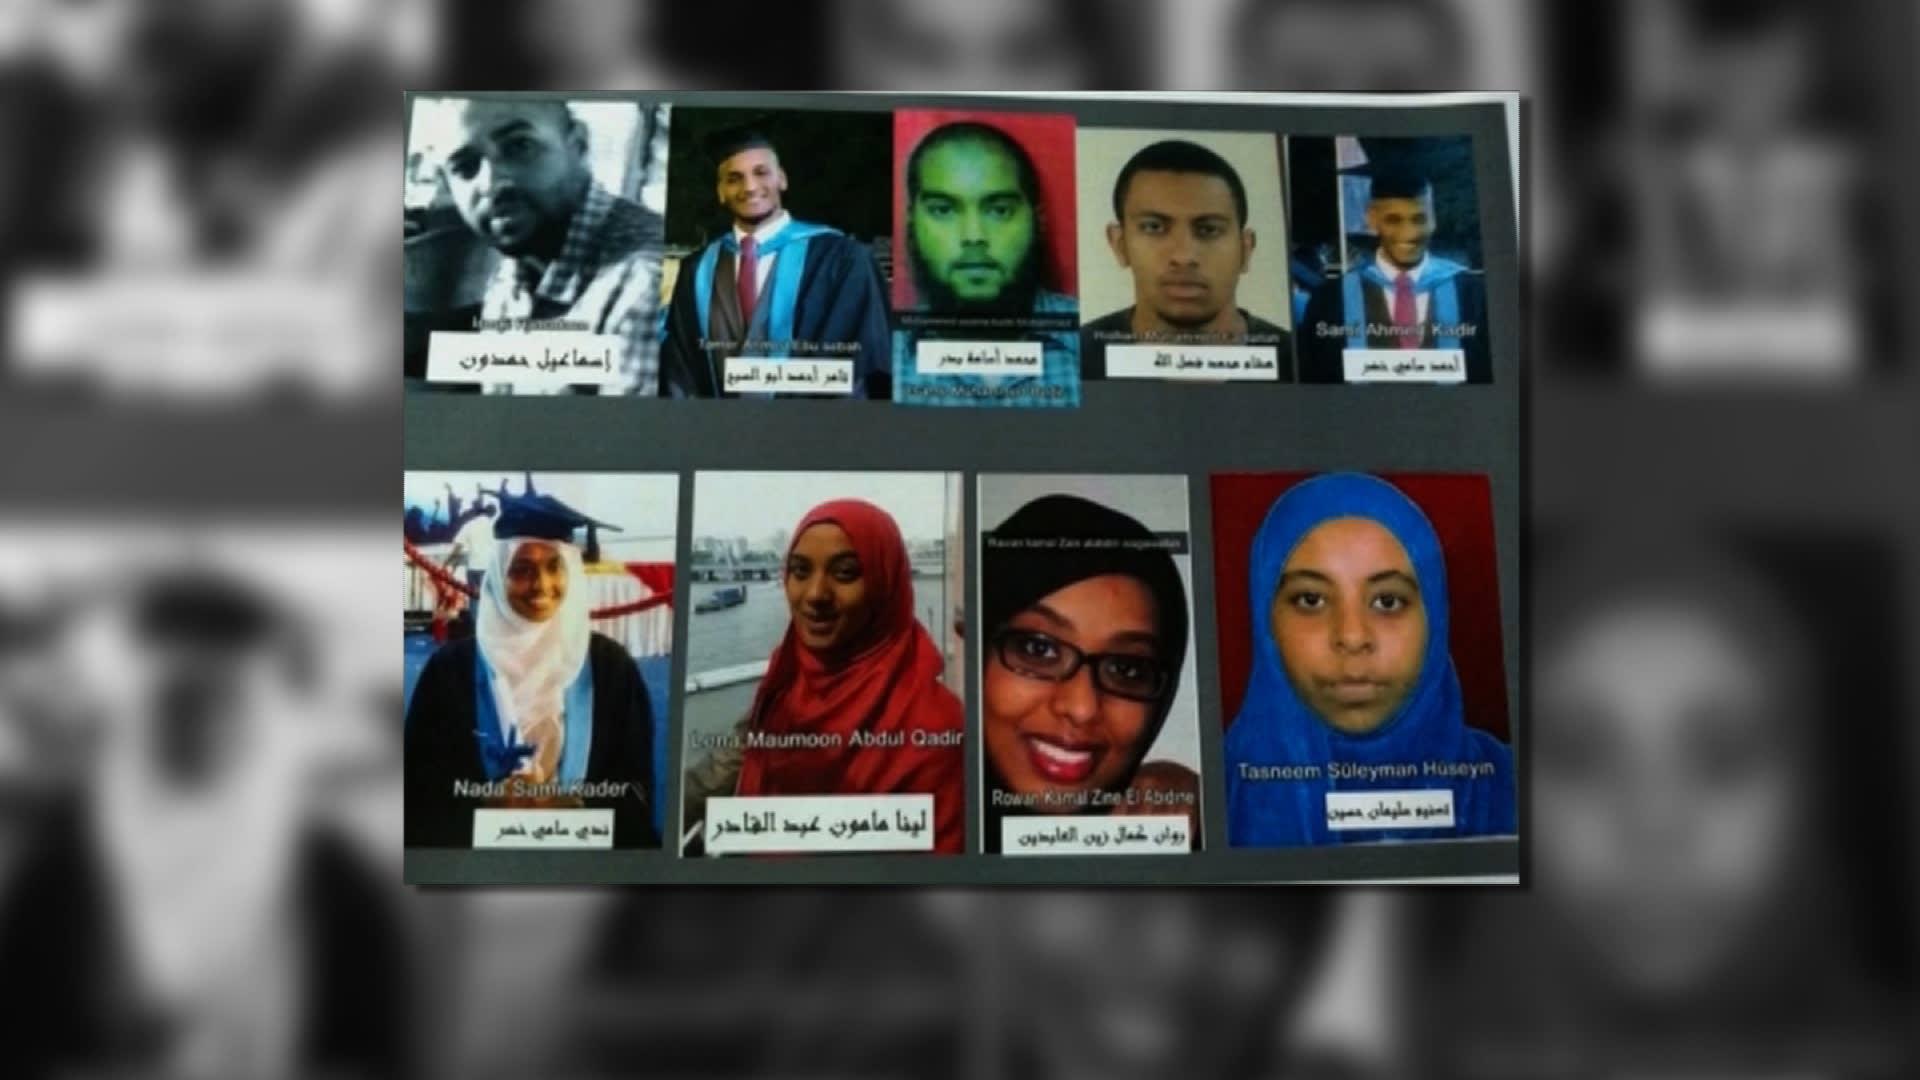 نائب تركي لـCNN: وصول 11 من الطلاب والأطباء لمناطق داعش قادمين من بريطانيا وأمريكا وكندا والسودان